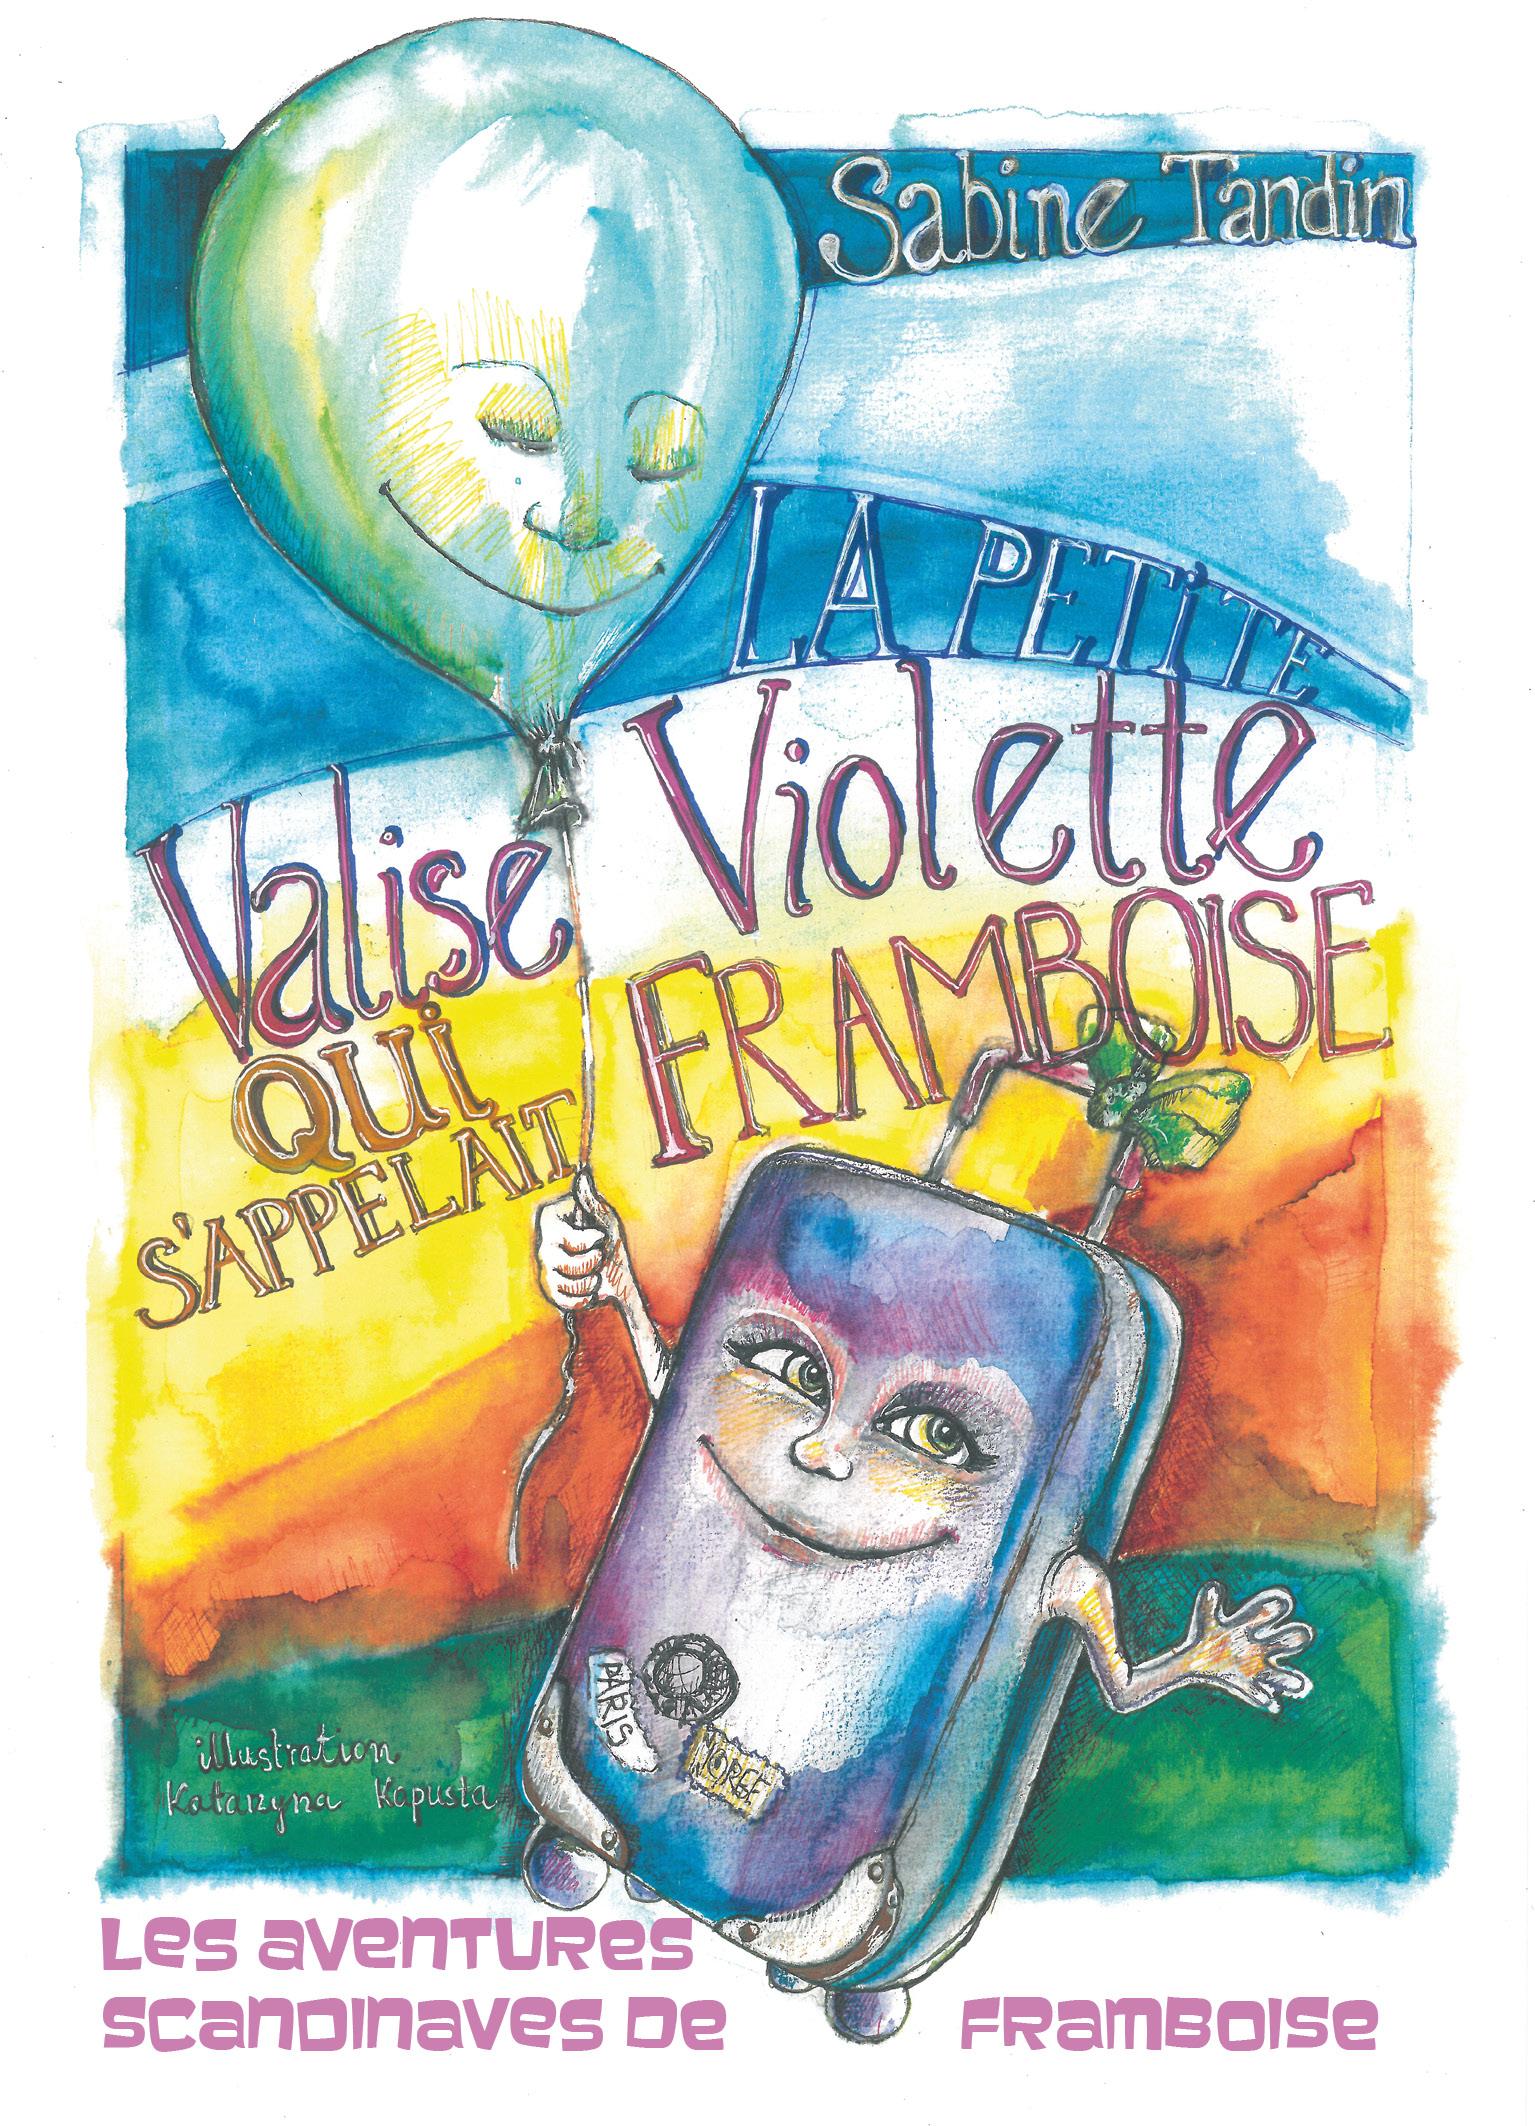 La petite valise violette qui s'appelait Framboise, Les aventures scandinaves de Framboise